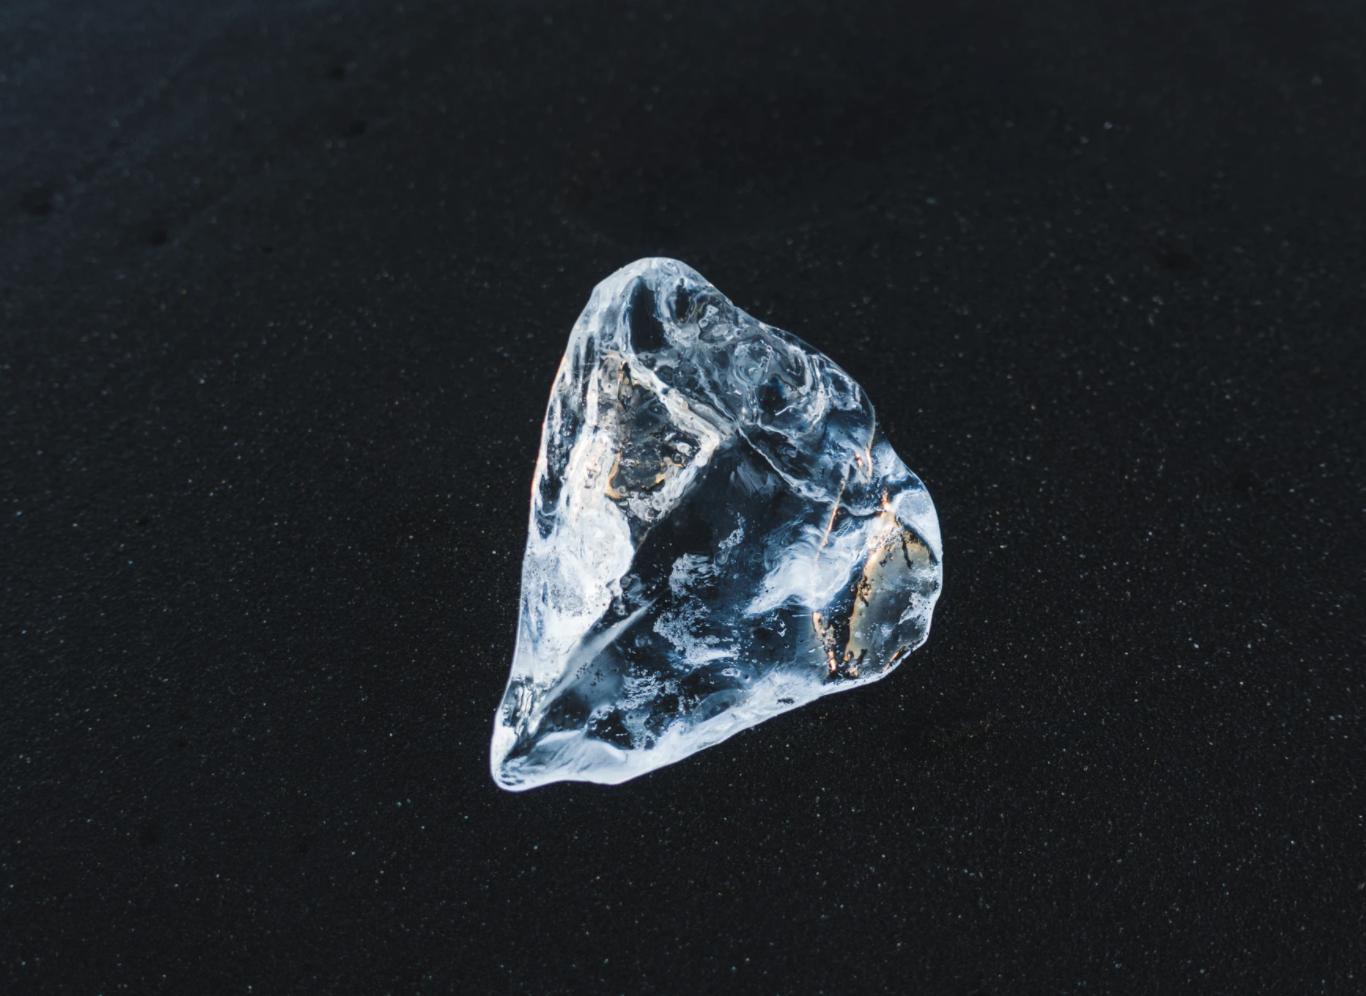 El carbono mantiene su estructura de diamante aún a presiones de 5 veces la del núcleo de la Tierra